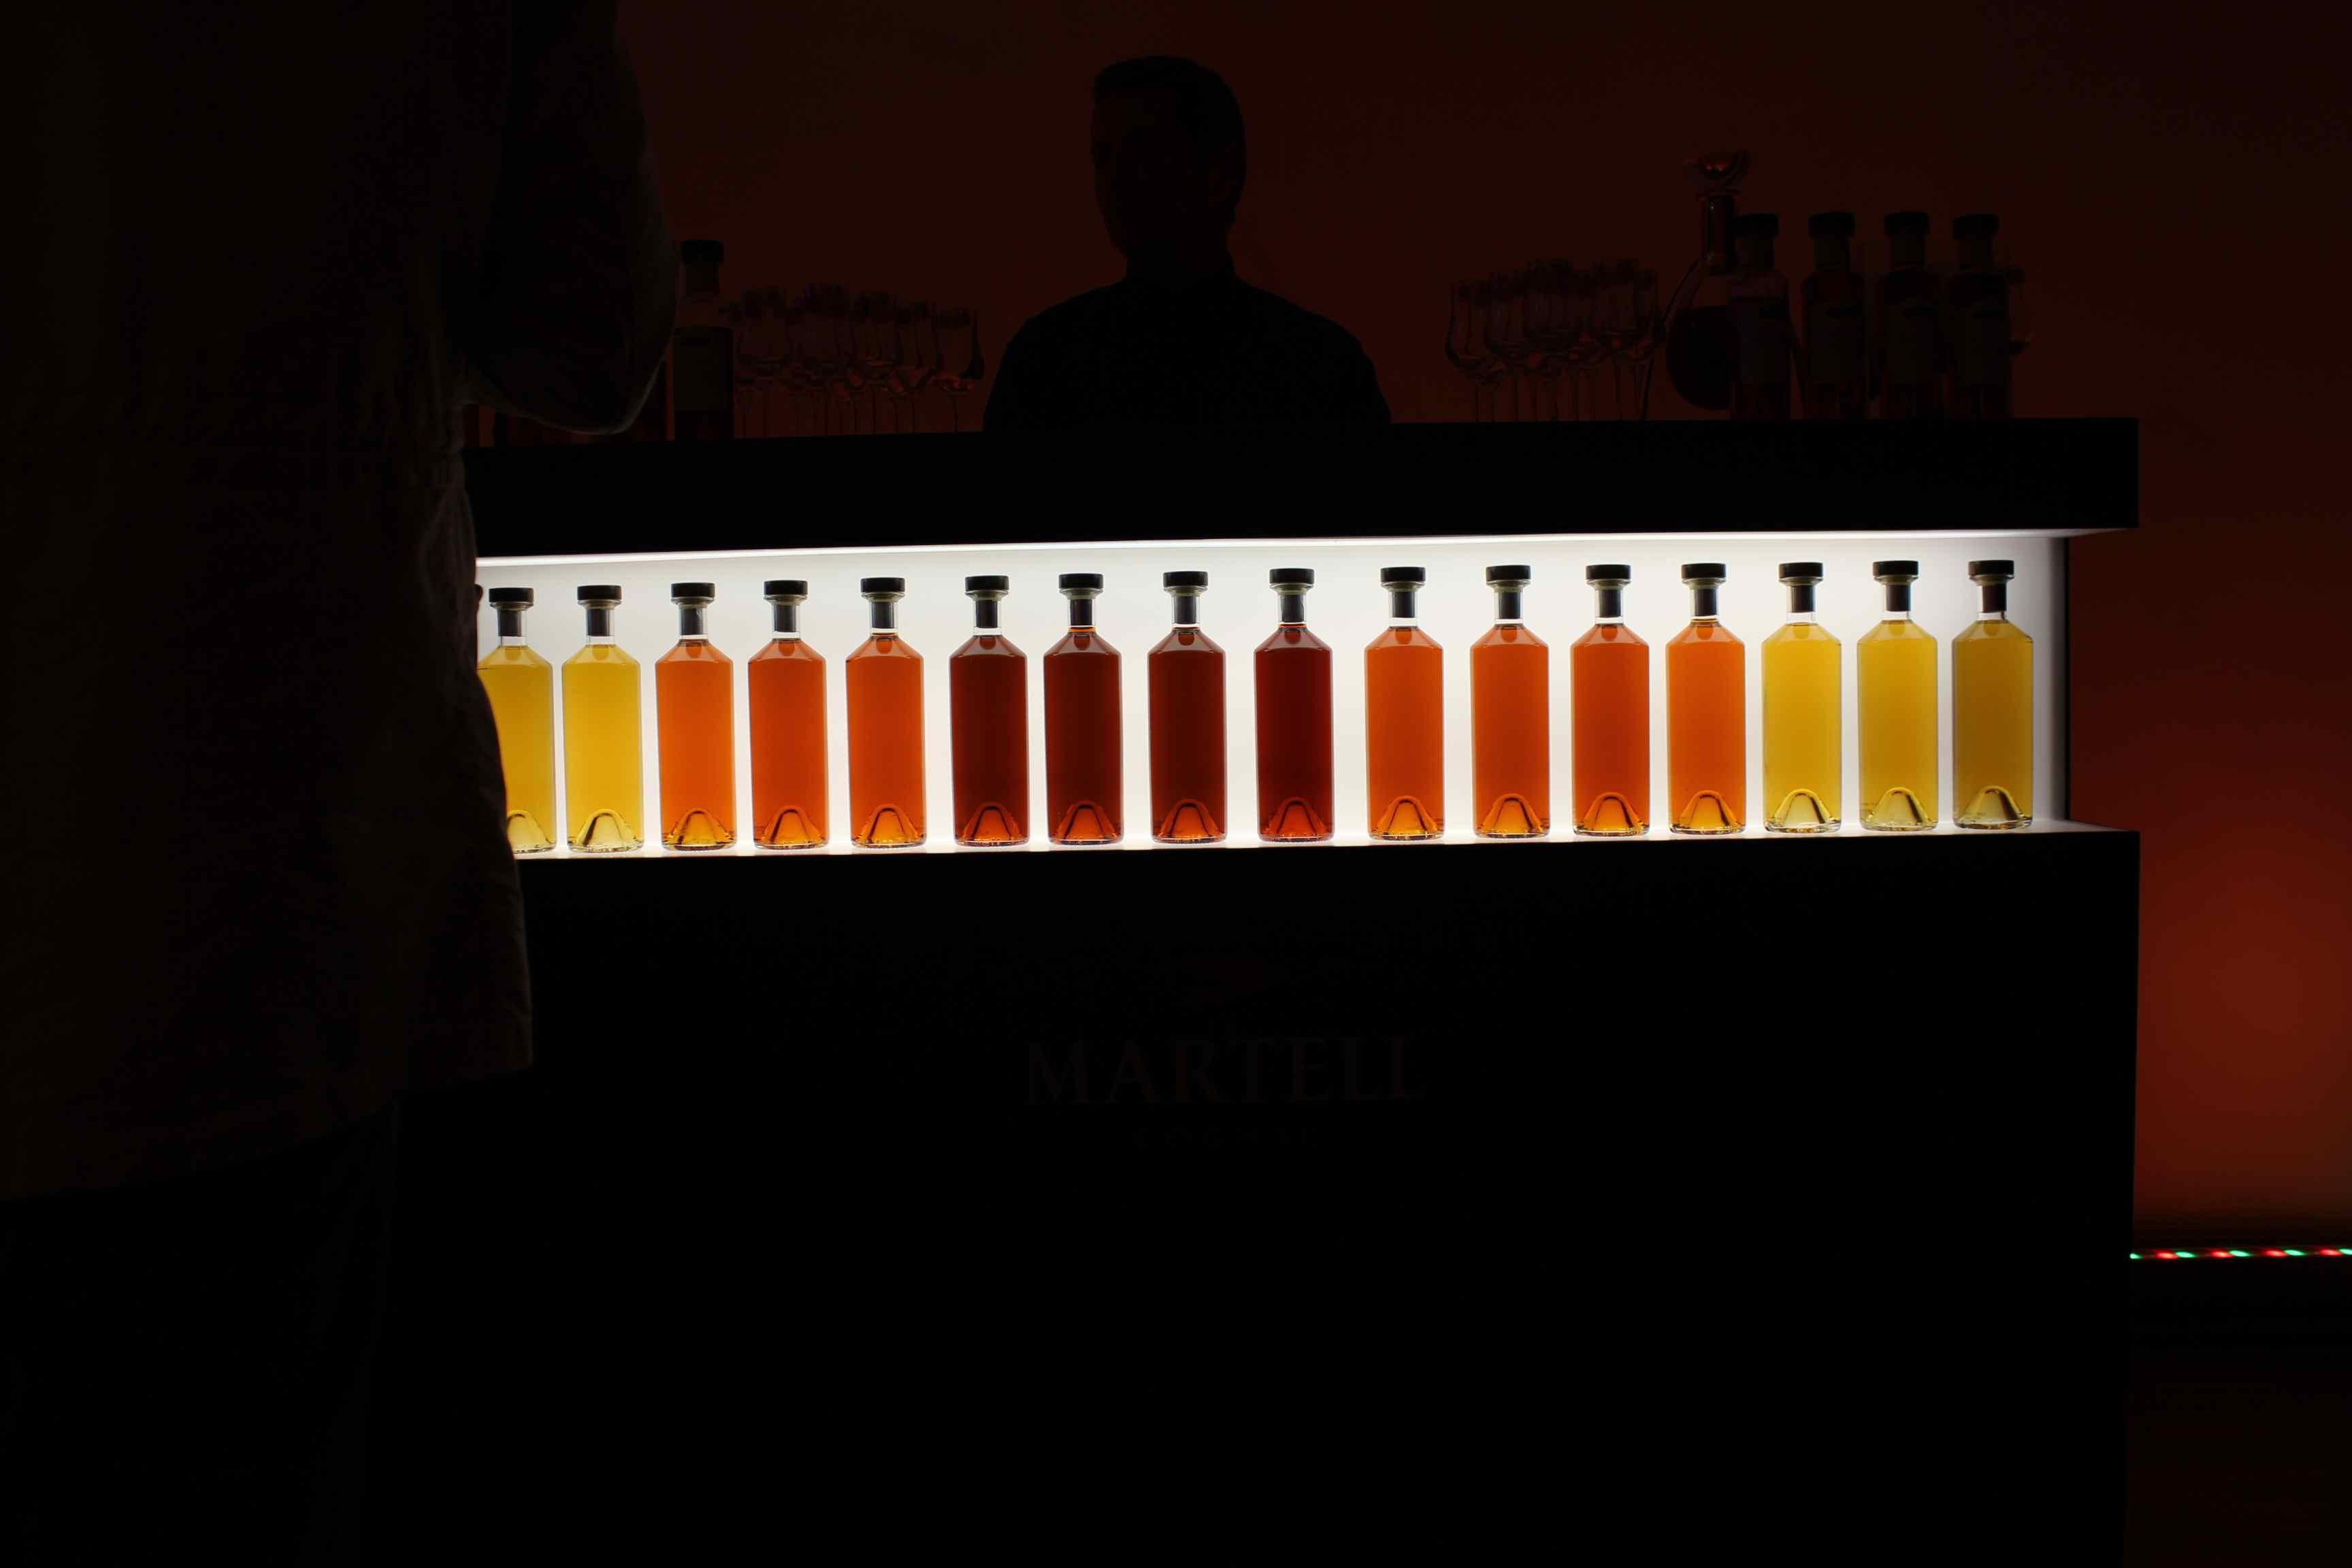 verschiedene Cognac-Färbungen